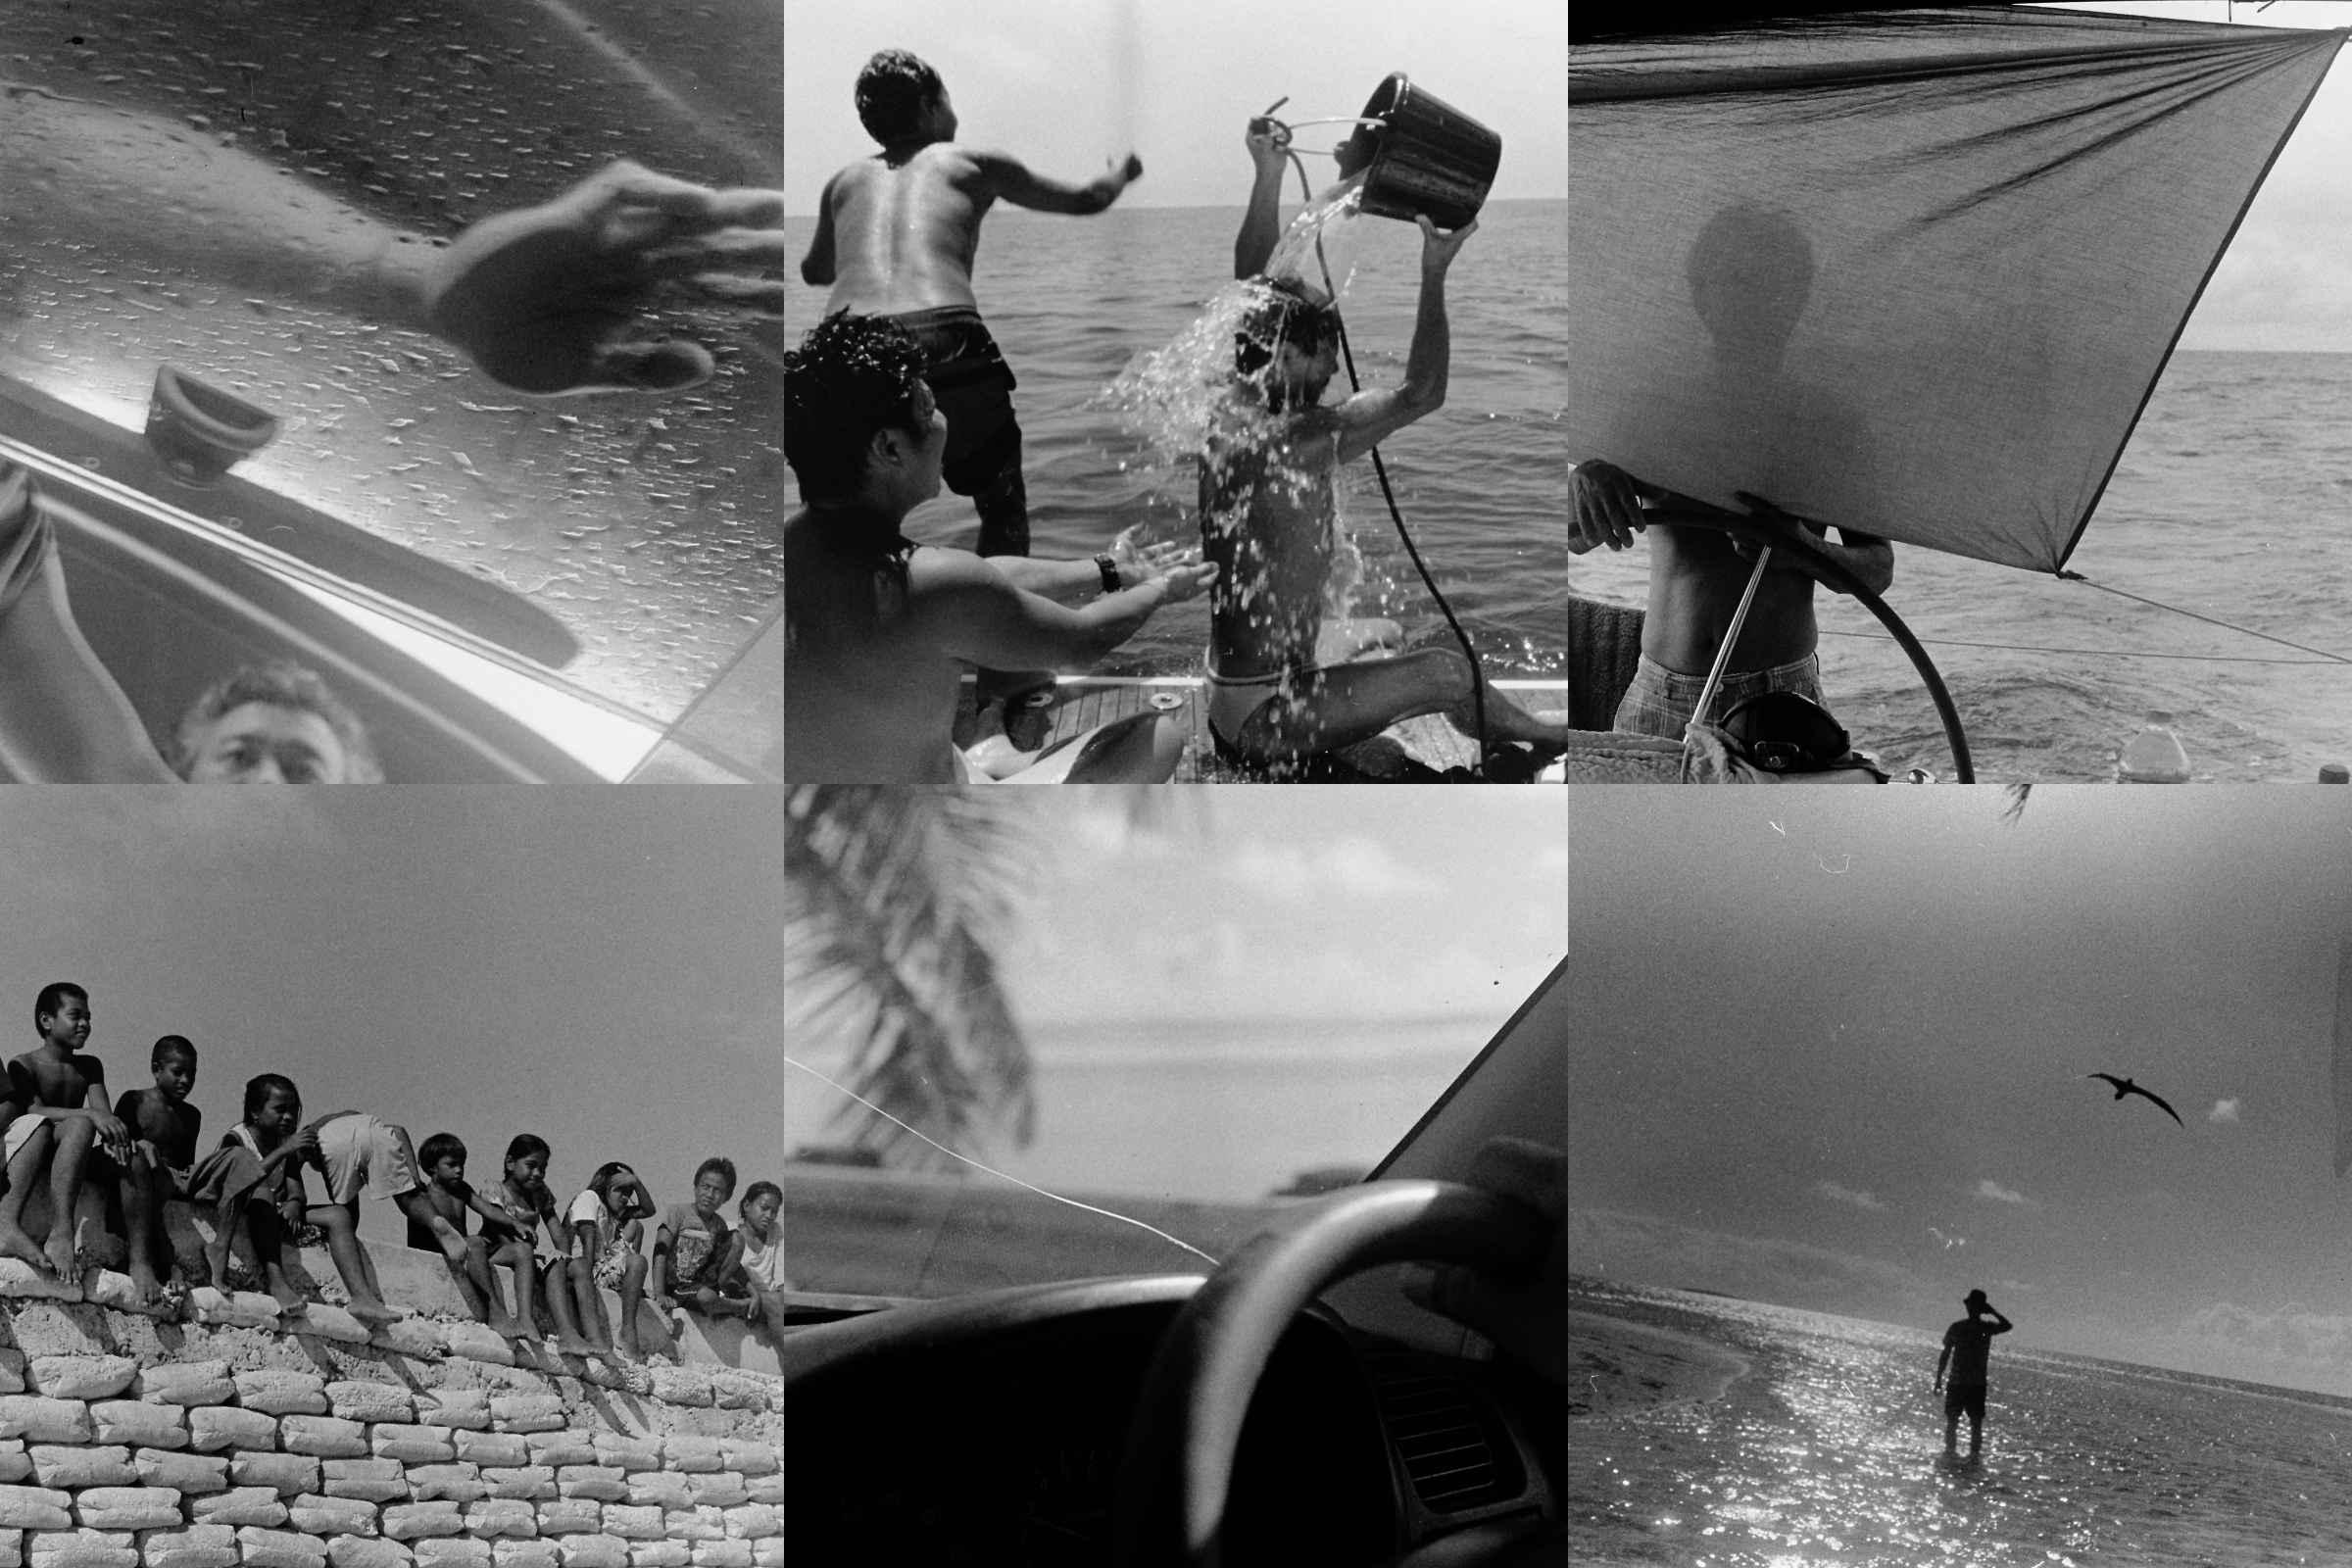 * 두 번의 태평양 항해 동안 찍은 사진 © 임수민